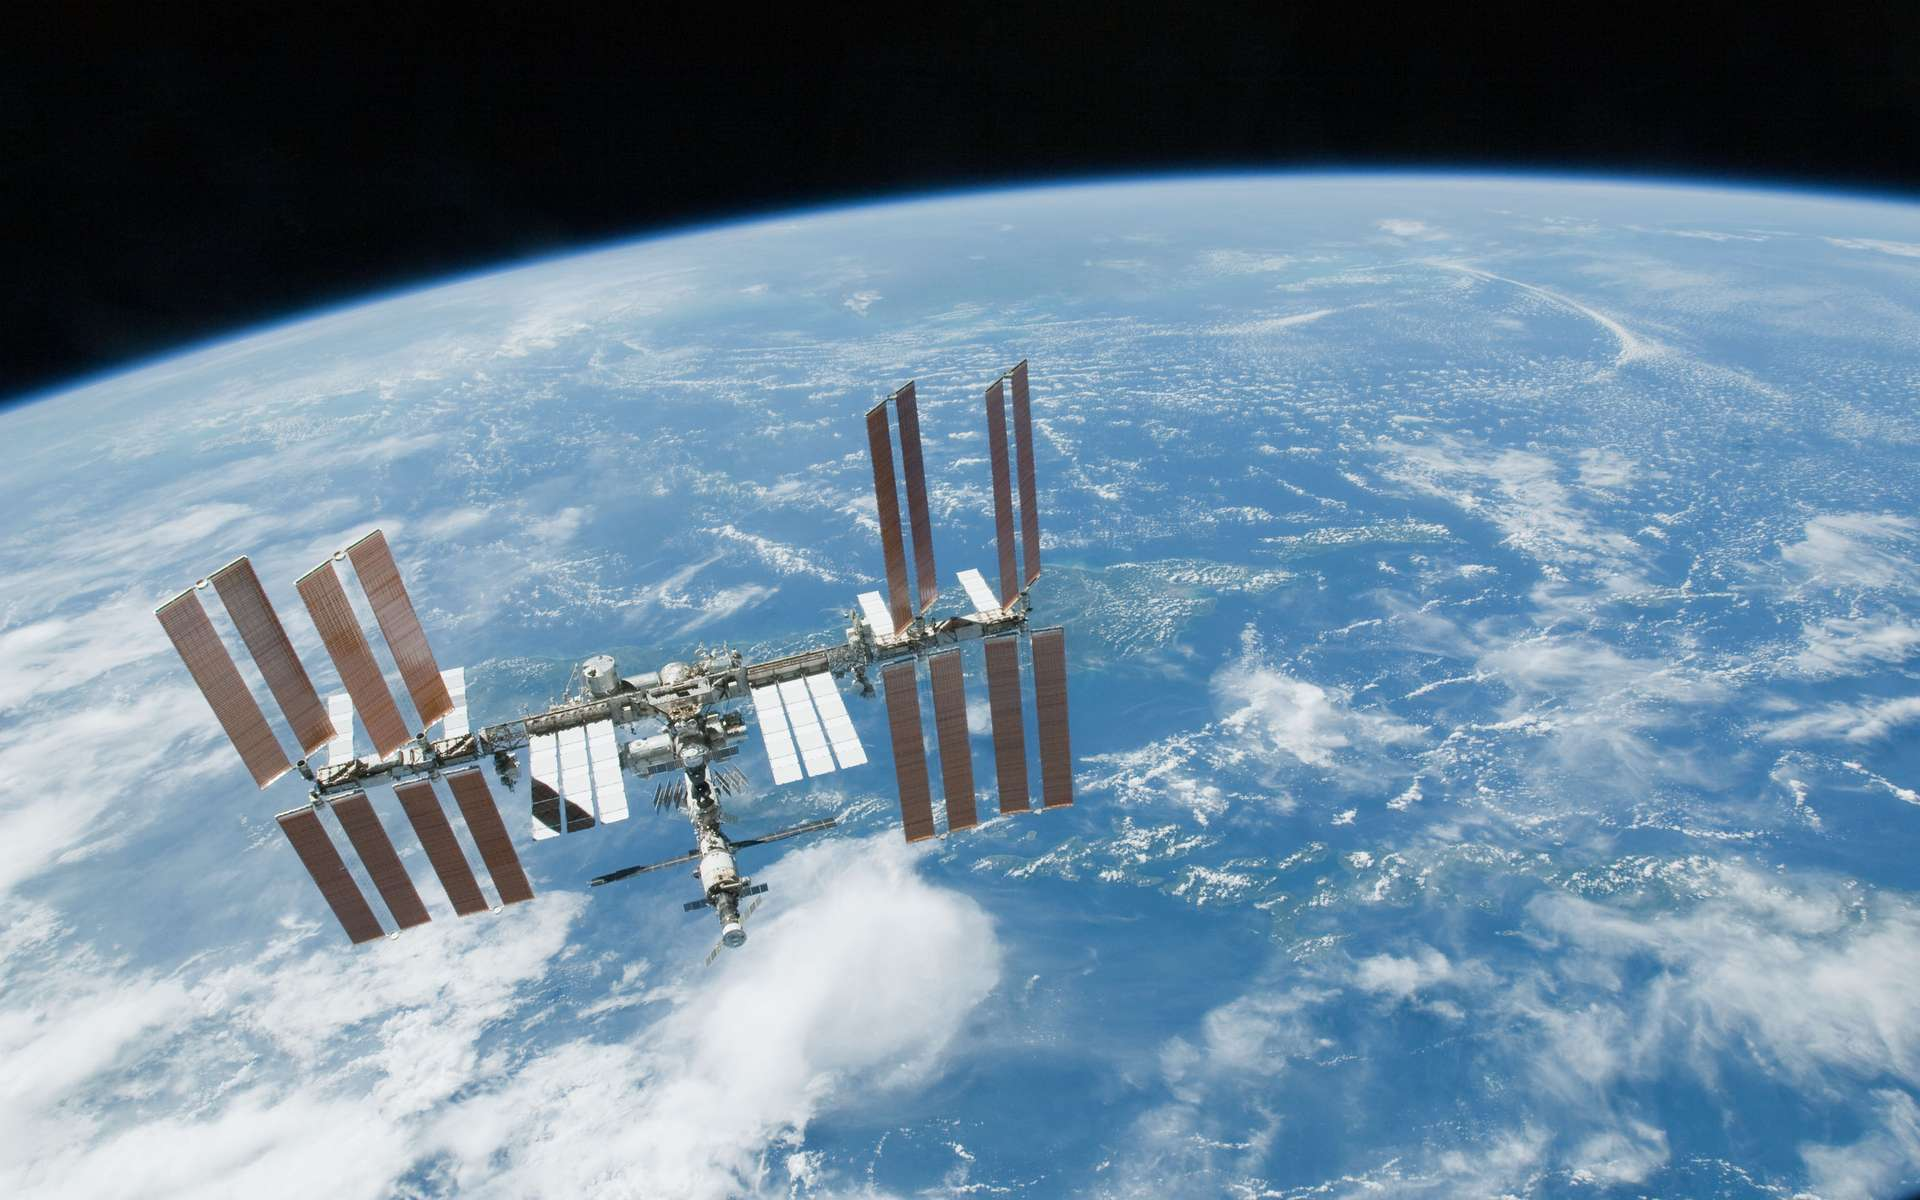 Les bactéries sur l'ISS évoluent pour s'adapter aux conditions extrêmes (rayonnement cosmique, micropesanteur), mais rien n'indique qu'elles deviennent des superbactéries pathogènes et résistantes, susceptibles de menacer la santé des astronautes. © Nasa